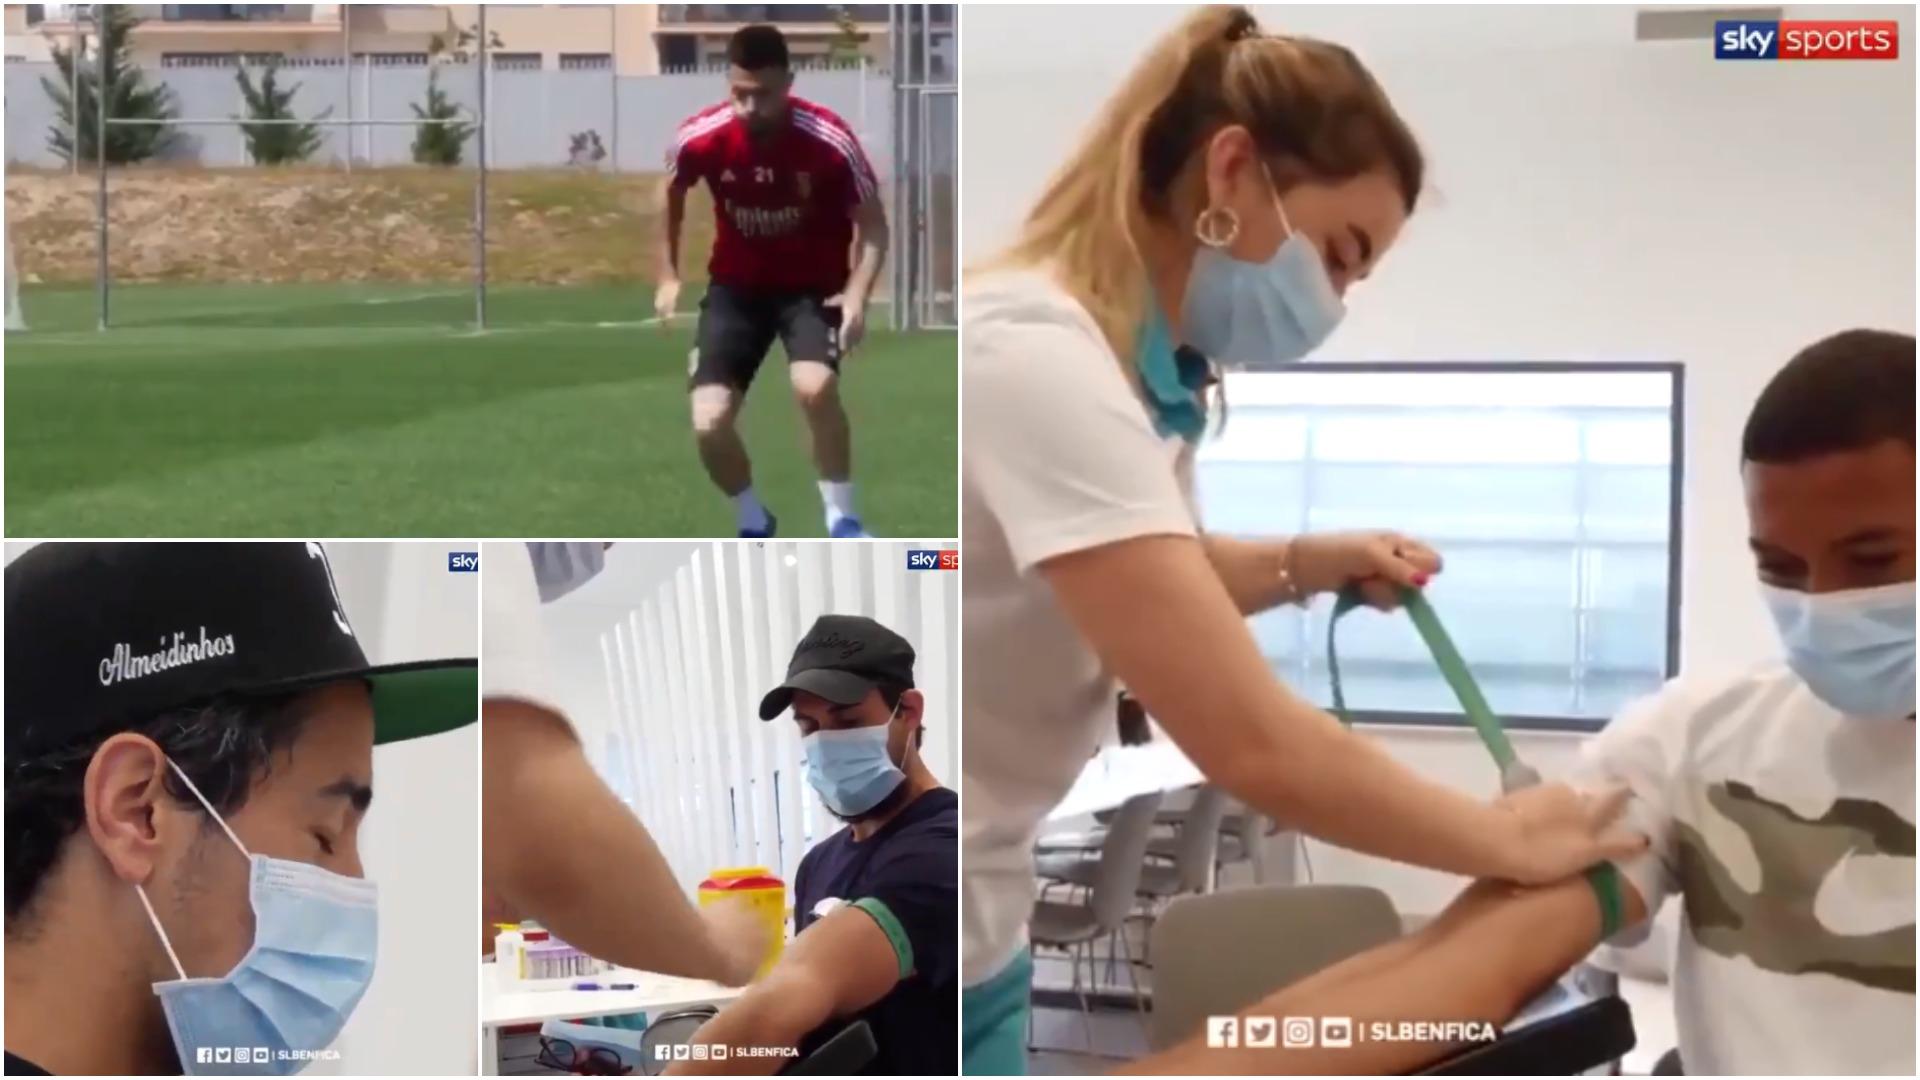 VIDEO | Rutina e re e futbollistëve, askush në fushë pa kryer testet!